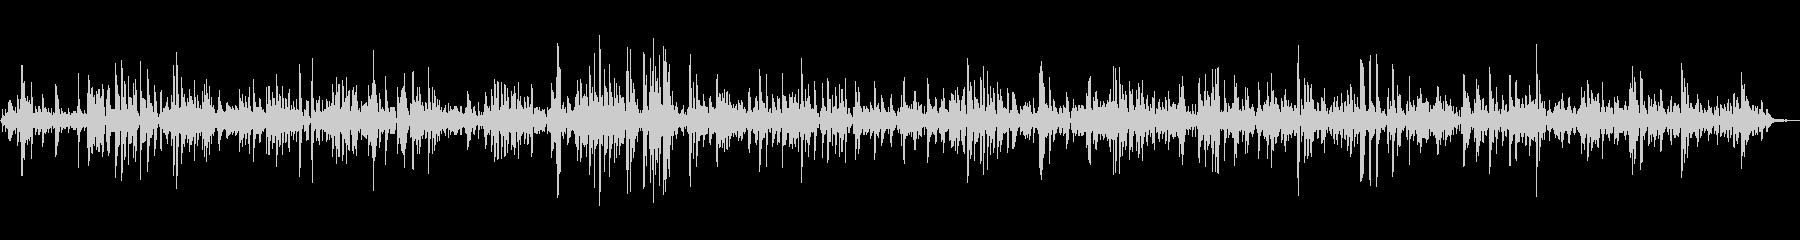 カフェで流れるオシャレなピアノジャズの未再生の波形